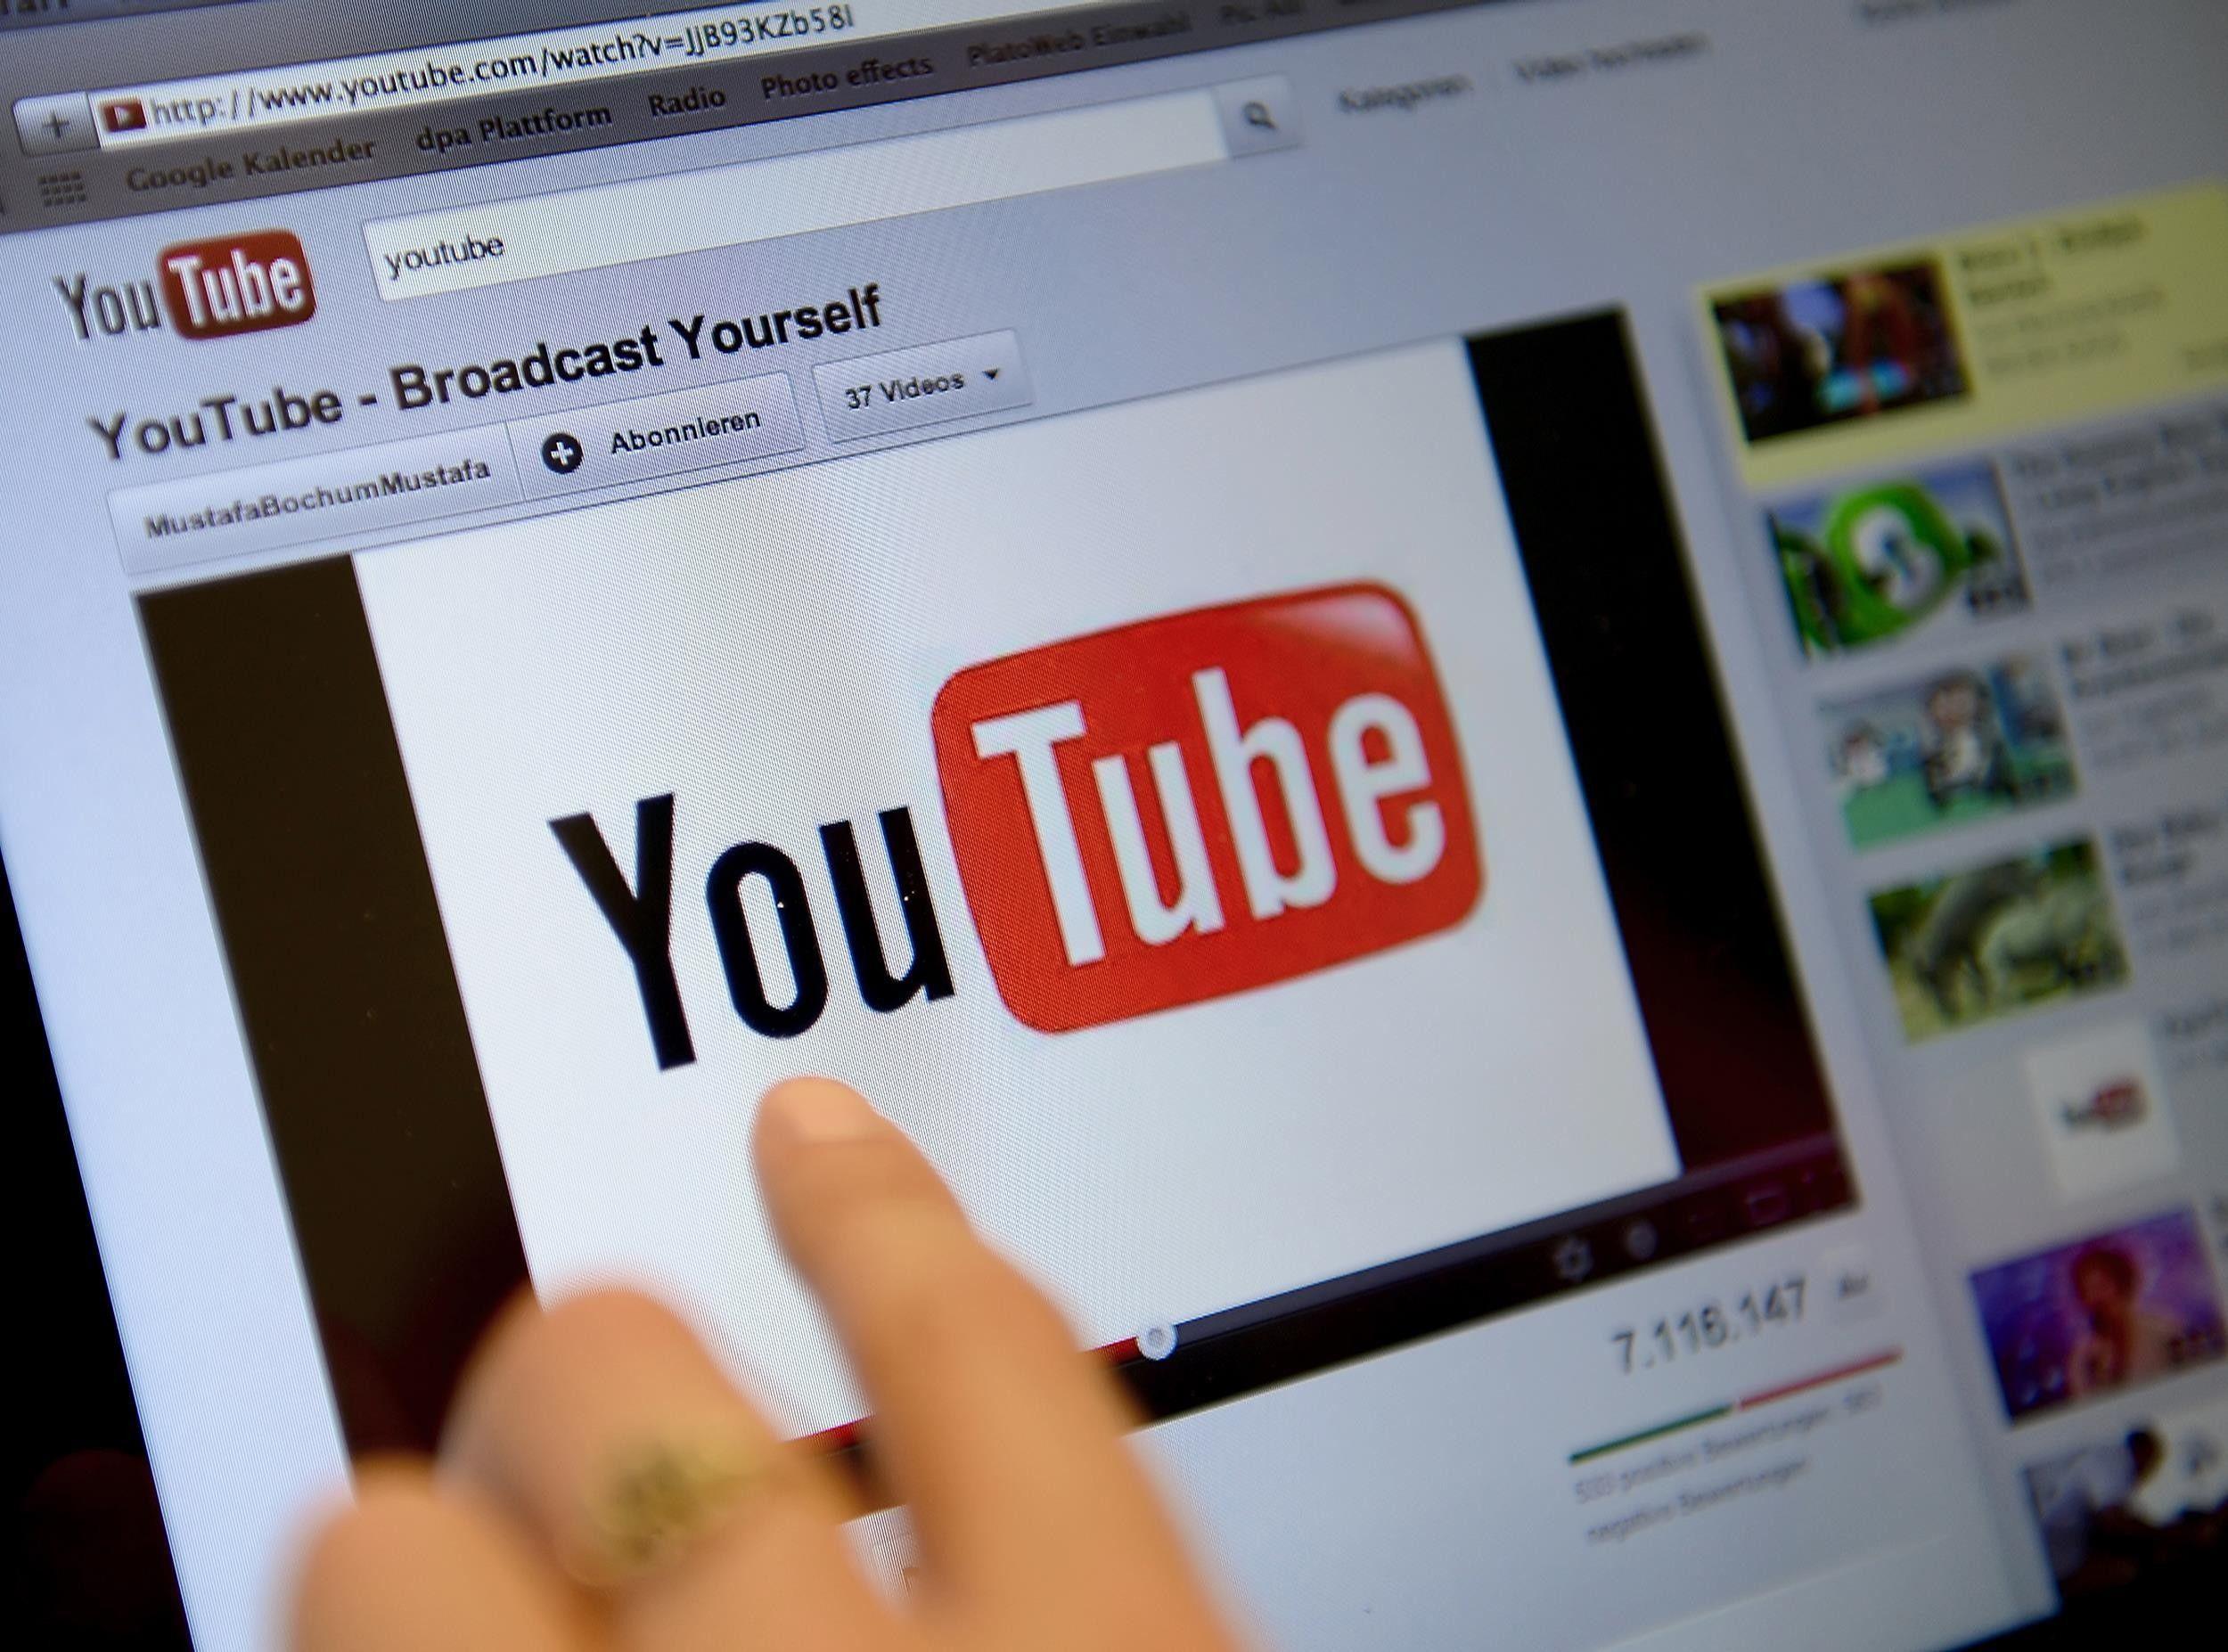 Видео сгосфинансированием будут иметь специальную пометку наYouTube